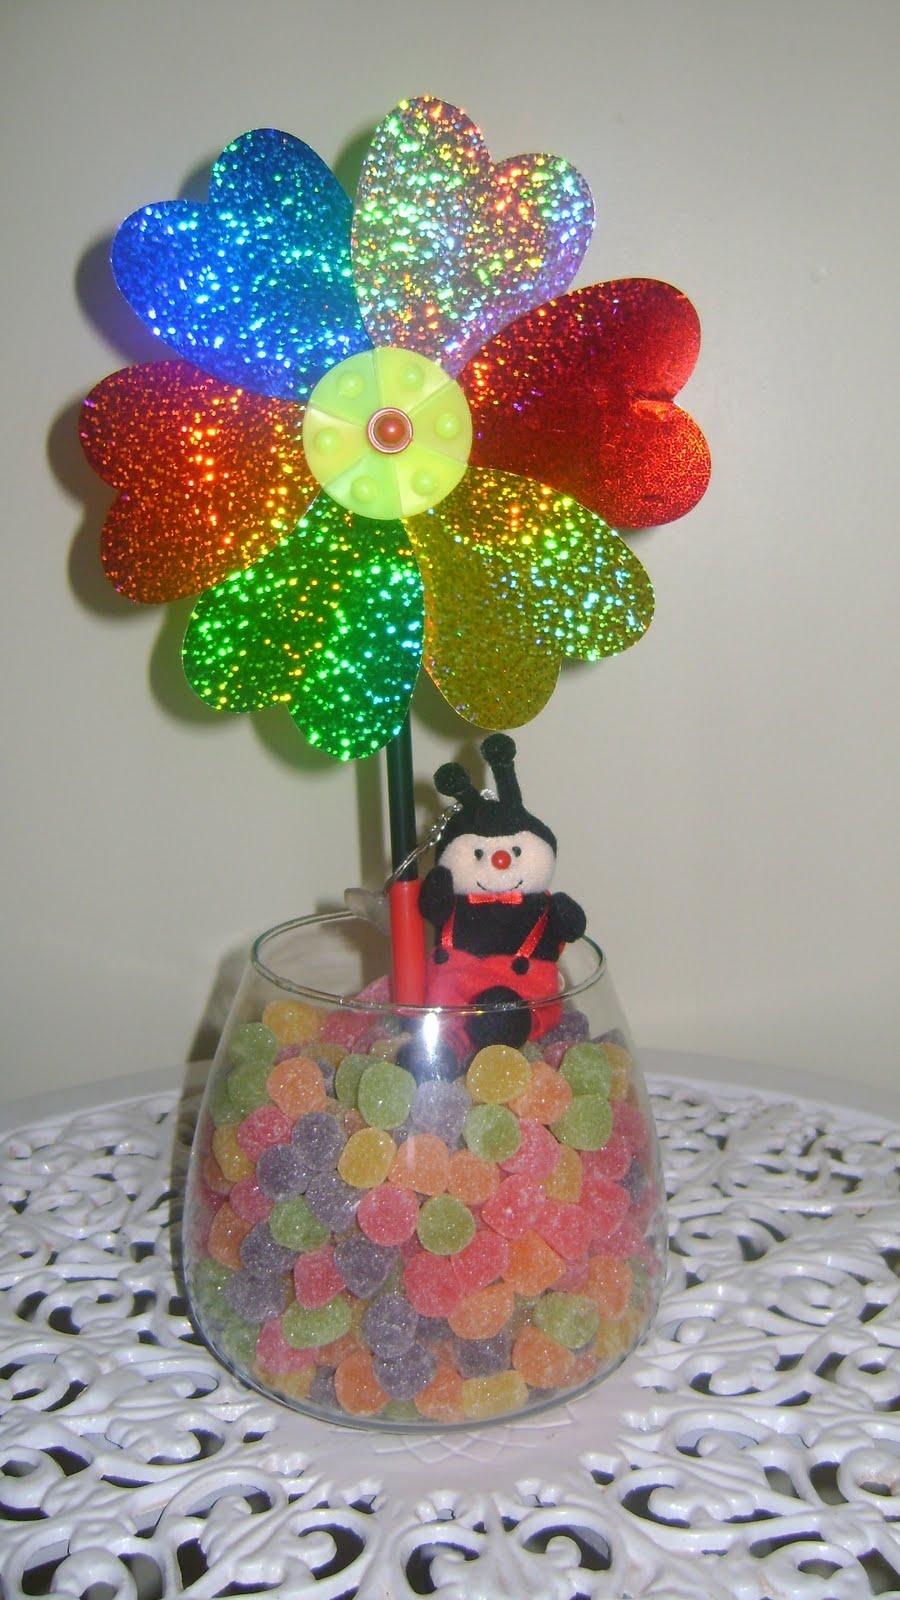 decoracao de mesa tema jardim encantado : decoracao de mesa tema jardim encantado:Enfeite de mesa – Tema Jardim Encantado/Joaninha – R$ 25,00